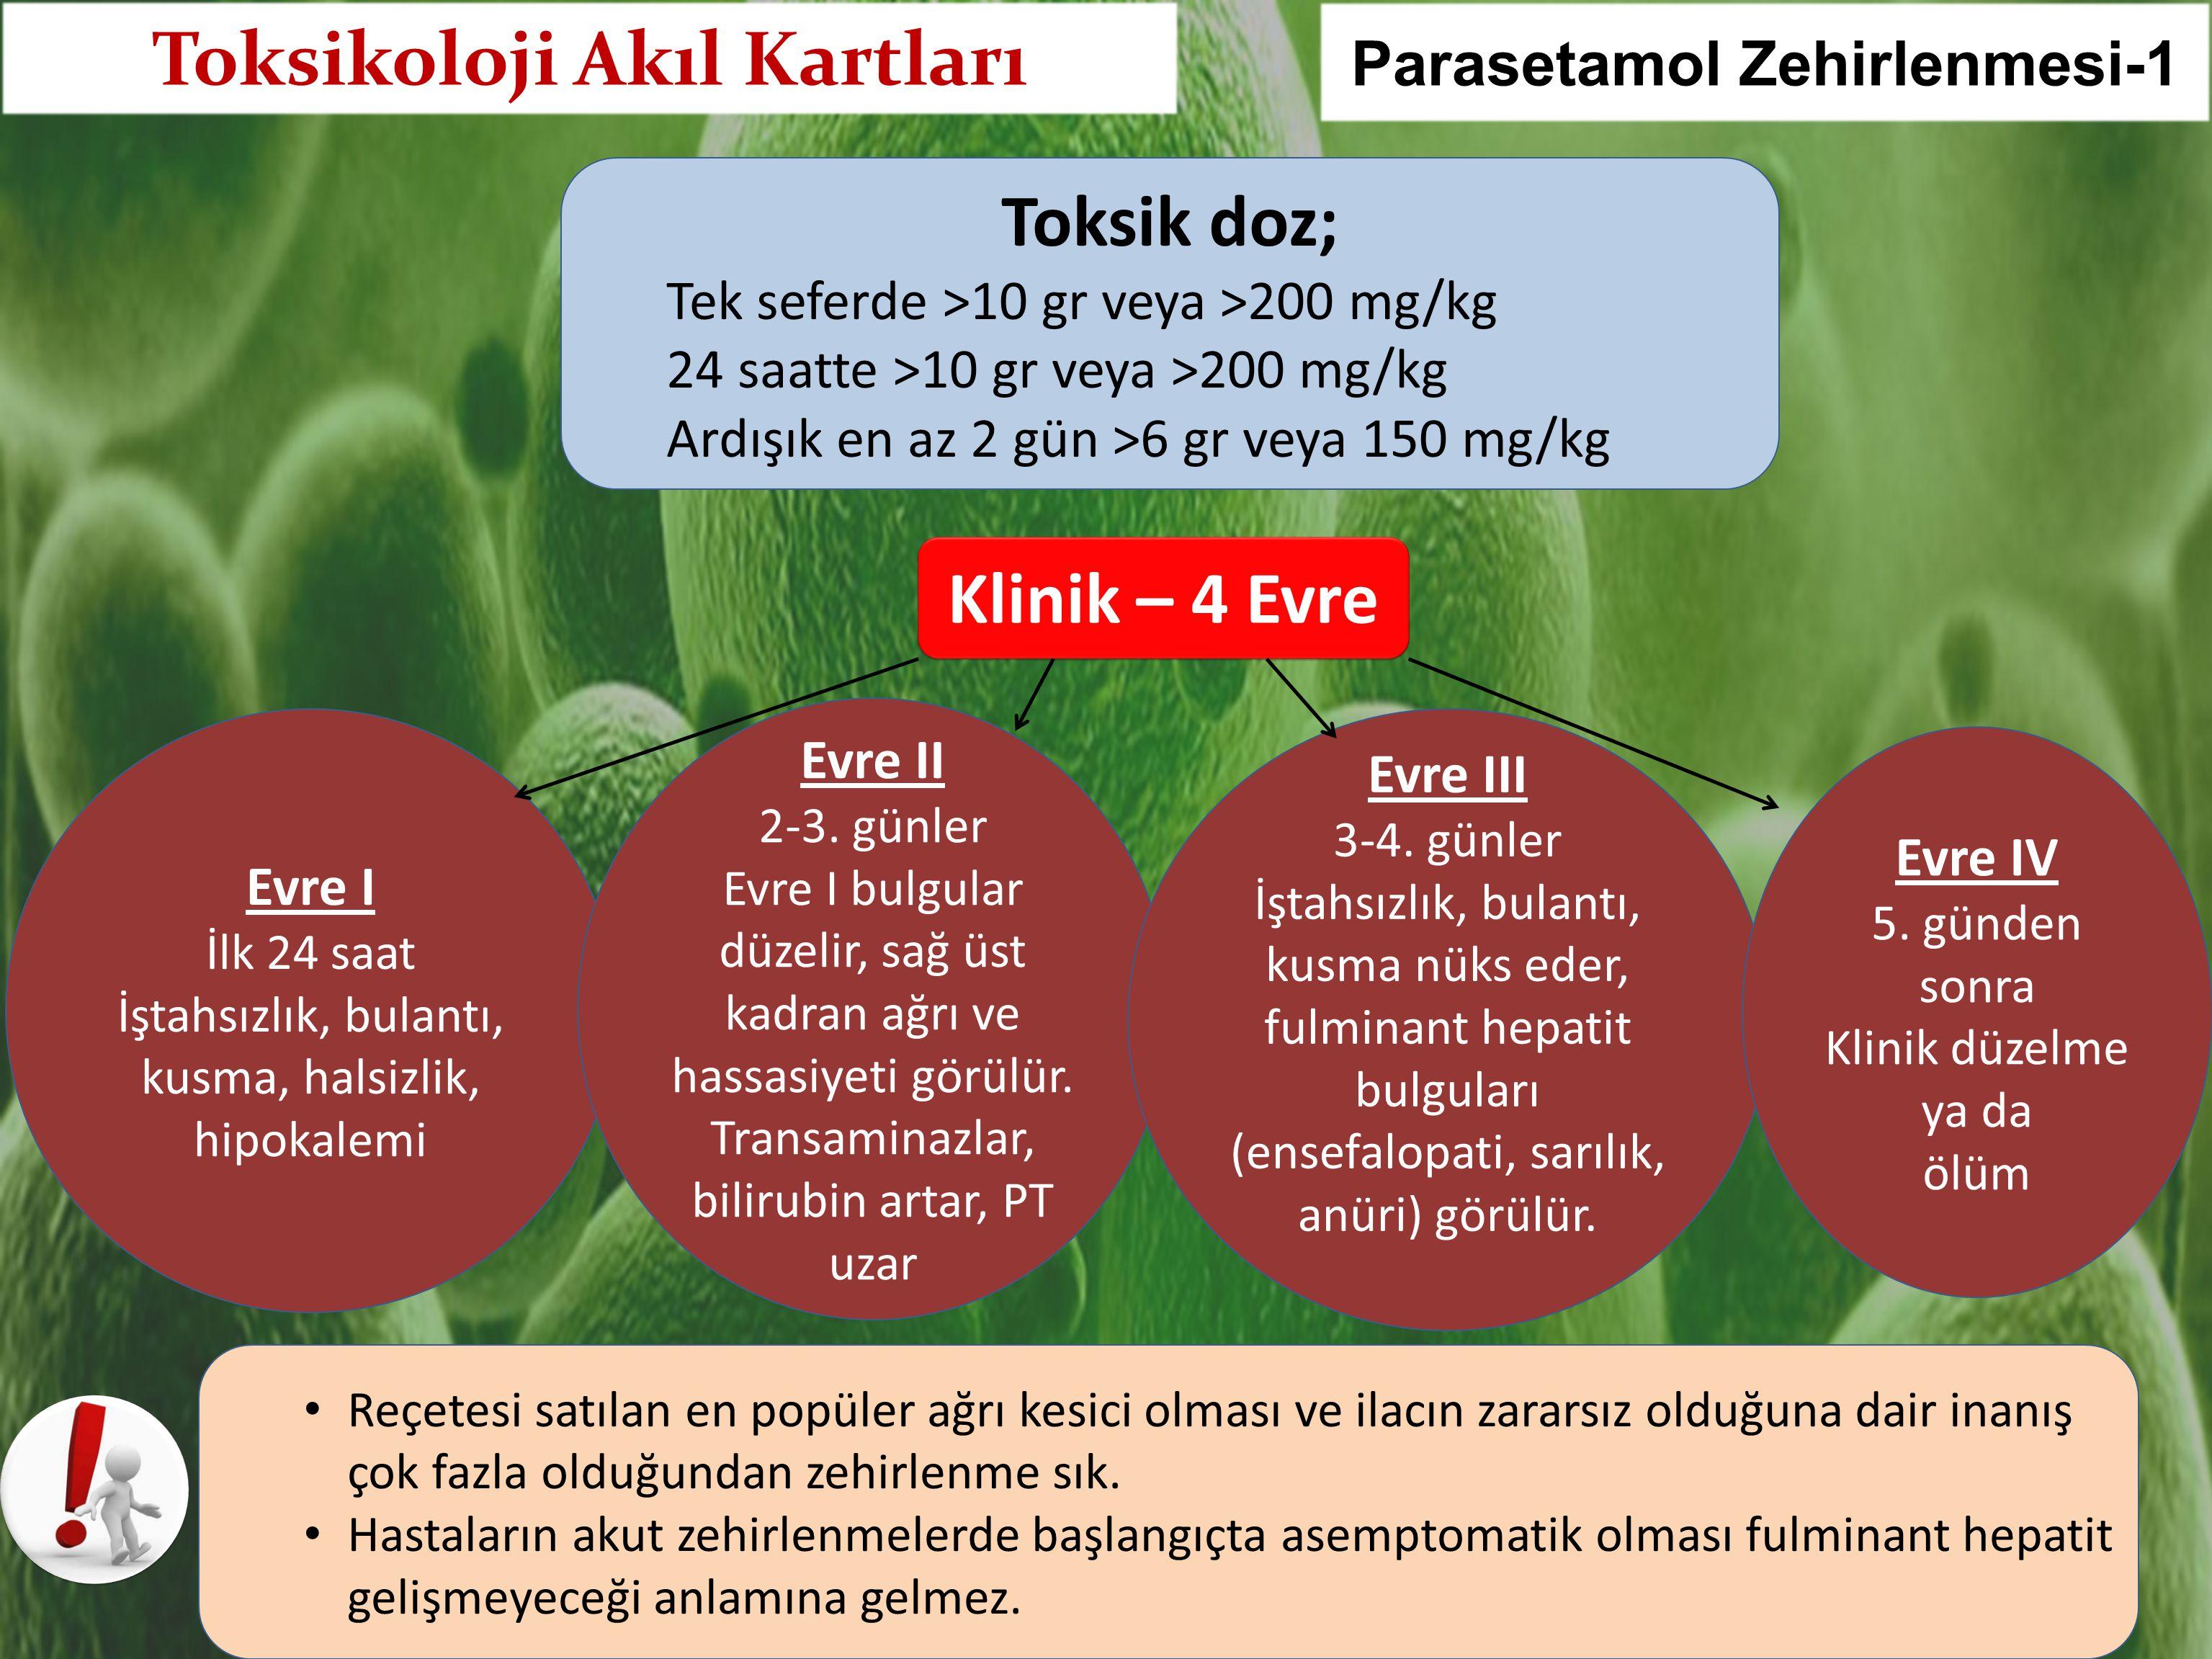 Toksikoloji Akıl Kartları